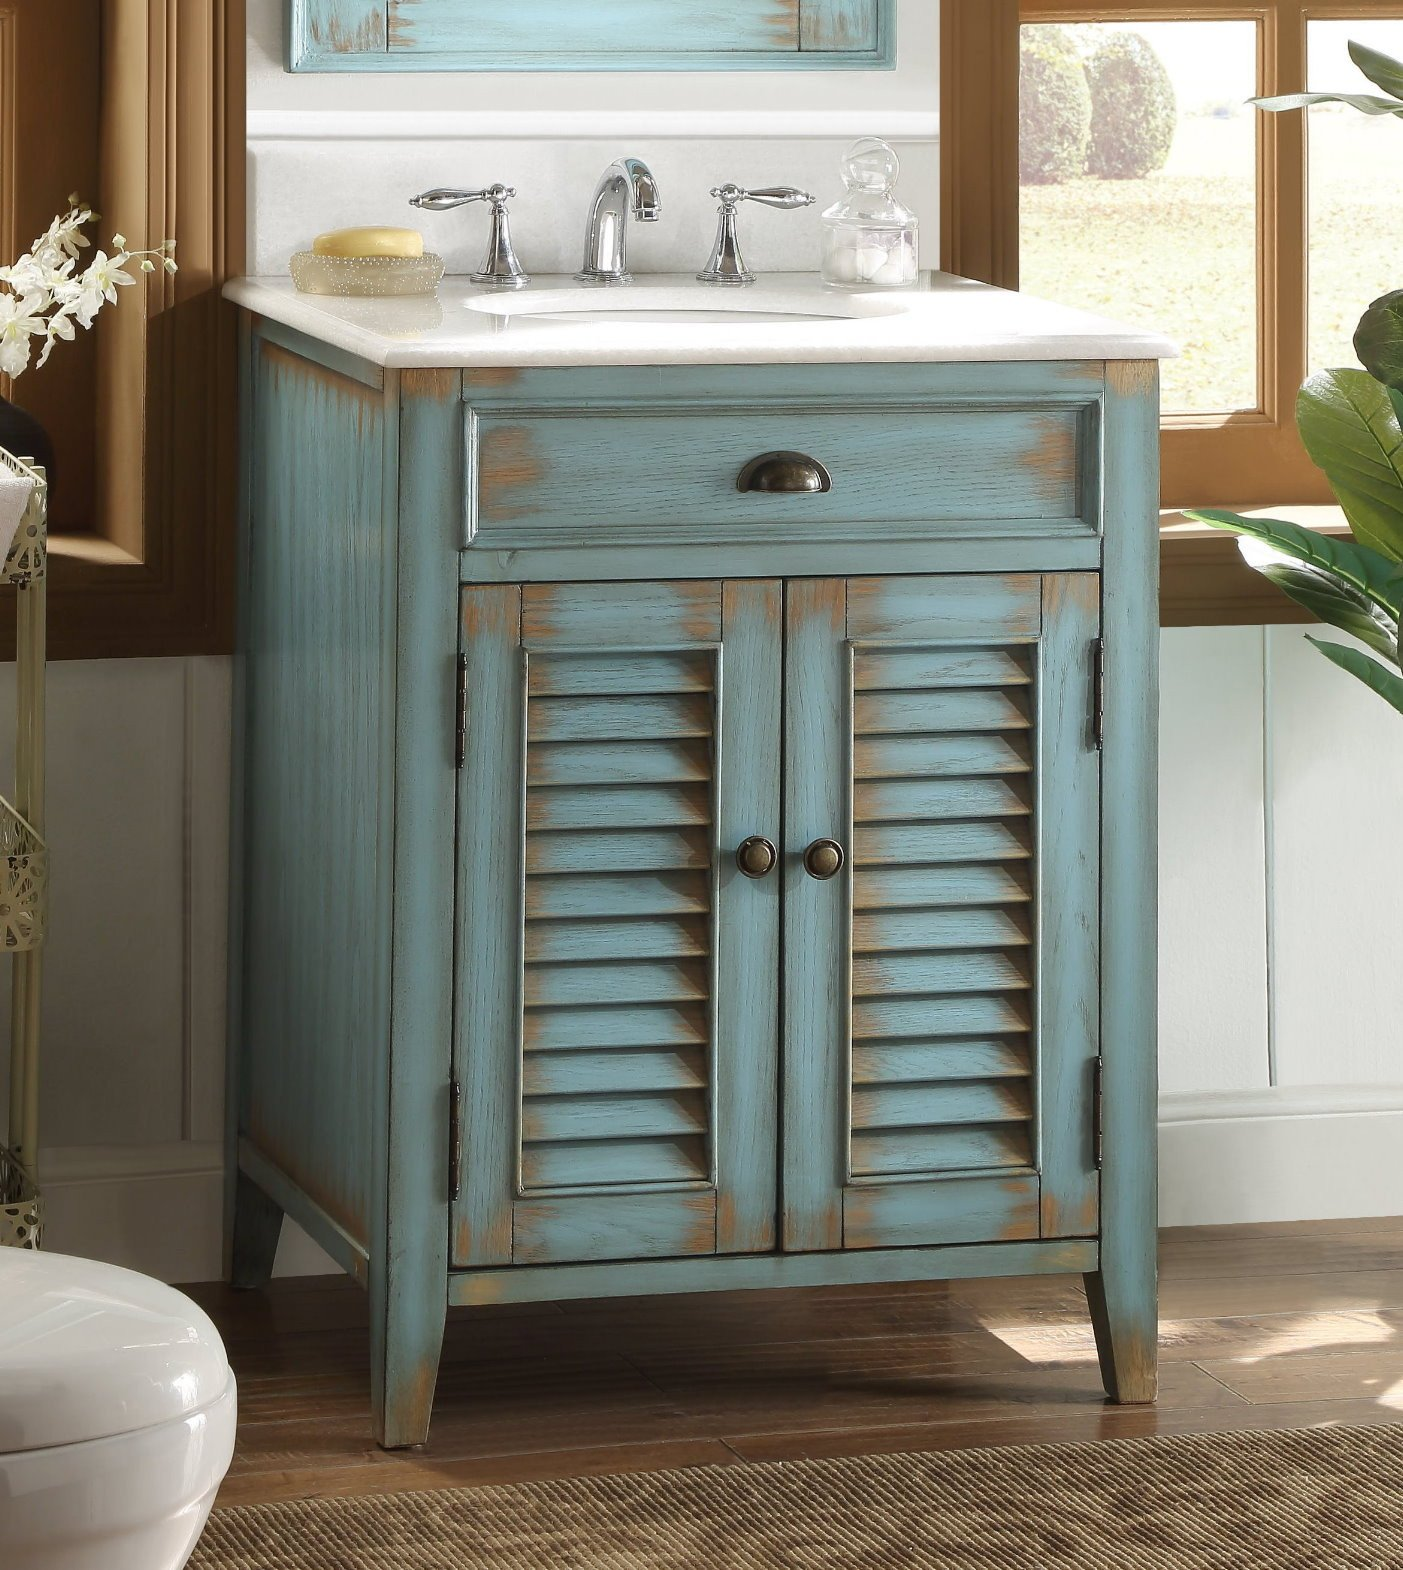 26 Benton Collection Distressed Blue Rustic Bathroom Vanity Cf 28883bu Bs Walmart Com Walmart Com